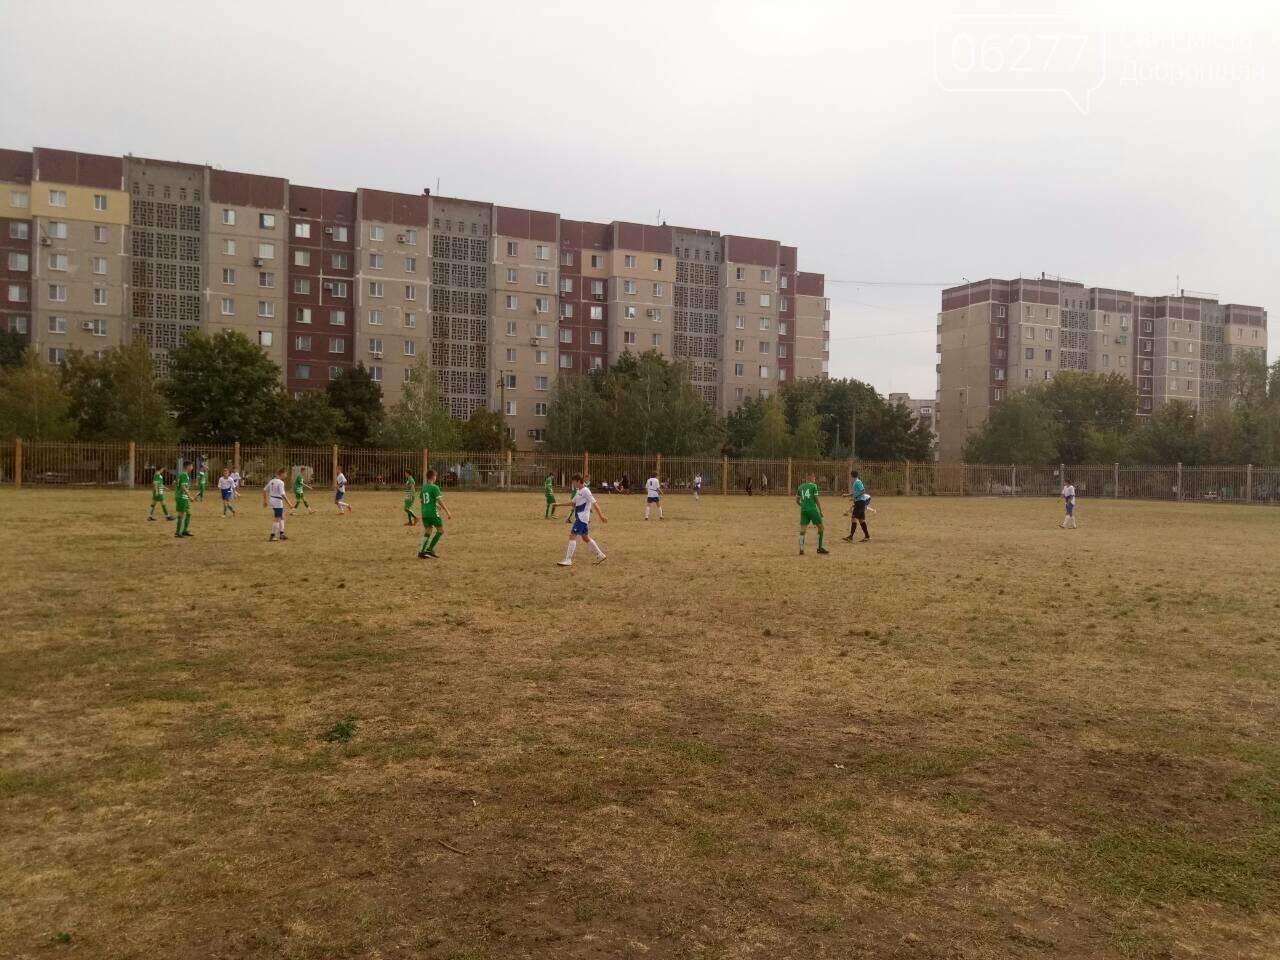 Вже відомі підсумки ІІІ туру чемпіонату Донецької області з футболу серед юнаків 2002/2003 та 2004/2005, фото-1